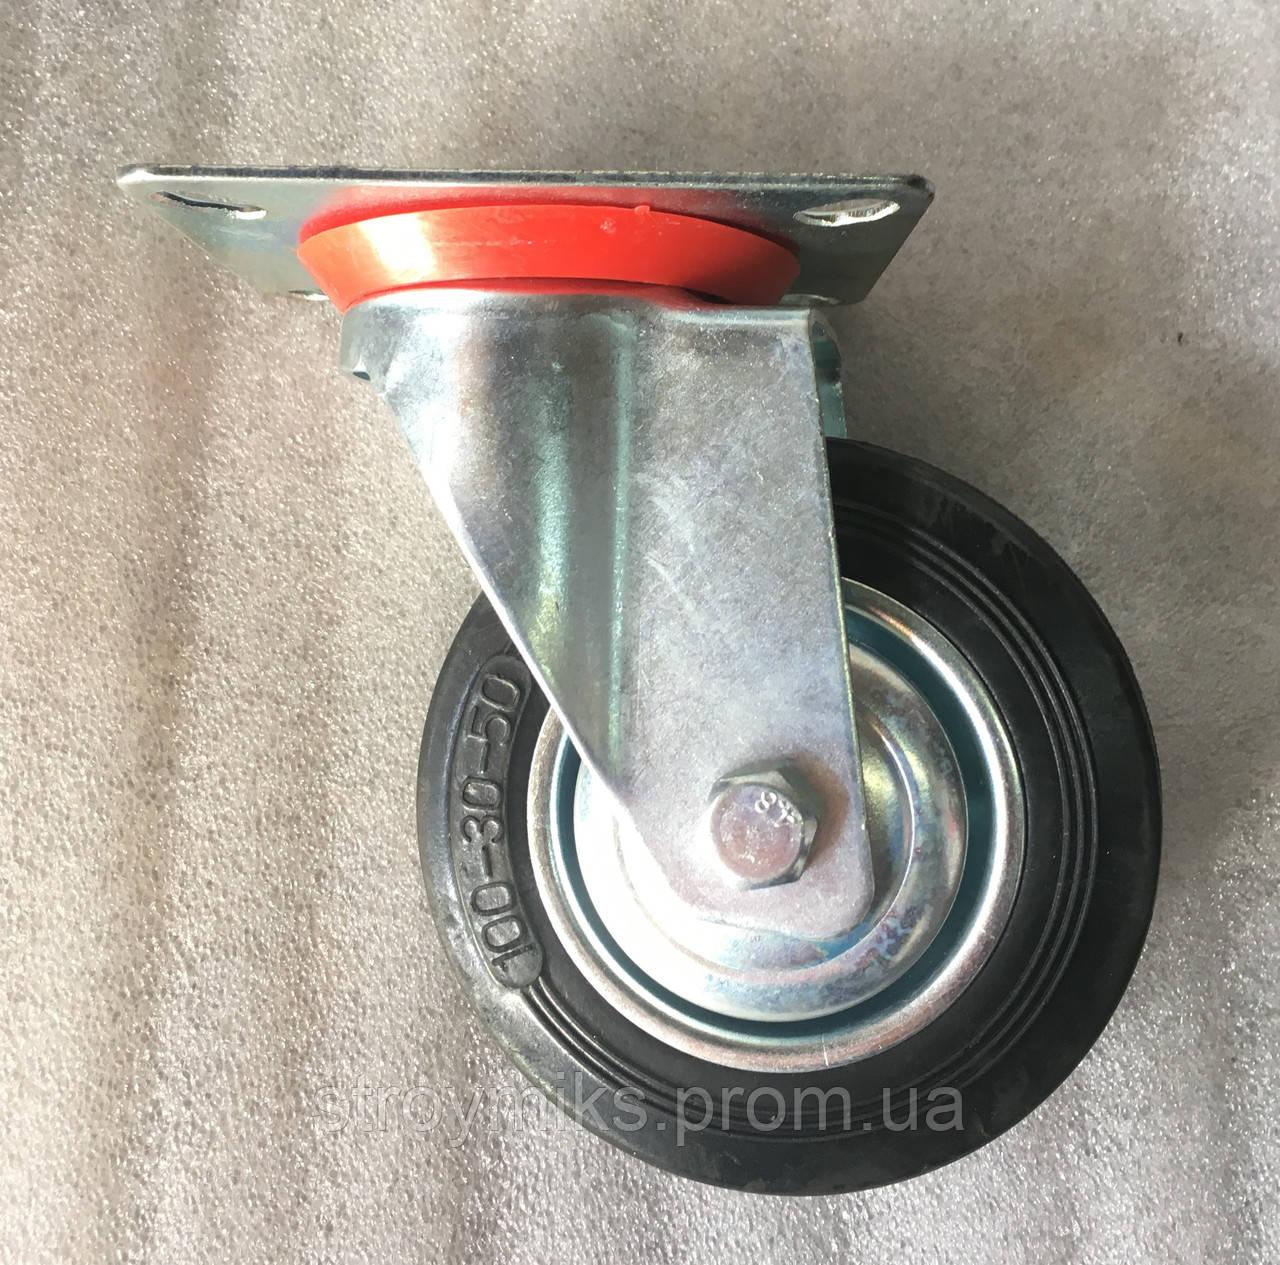 Колесо 100/30-50 с поворотным кронштейном